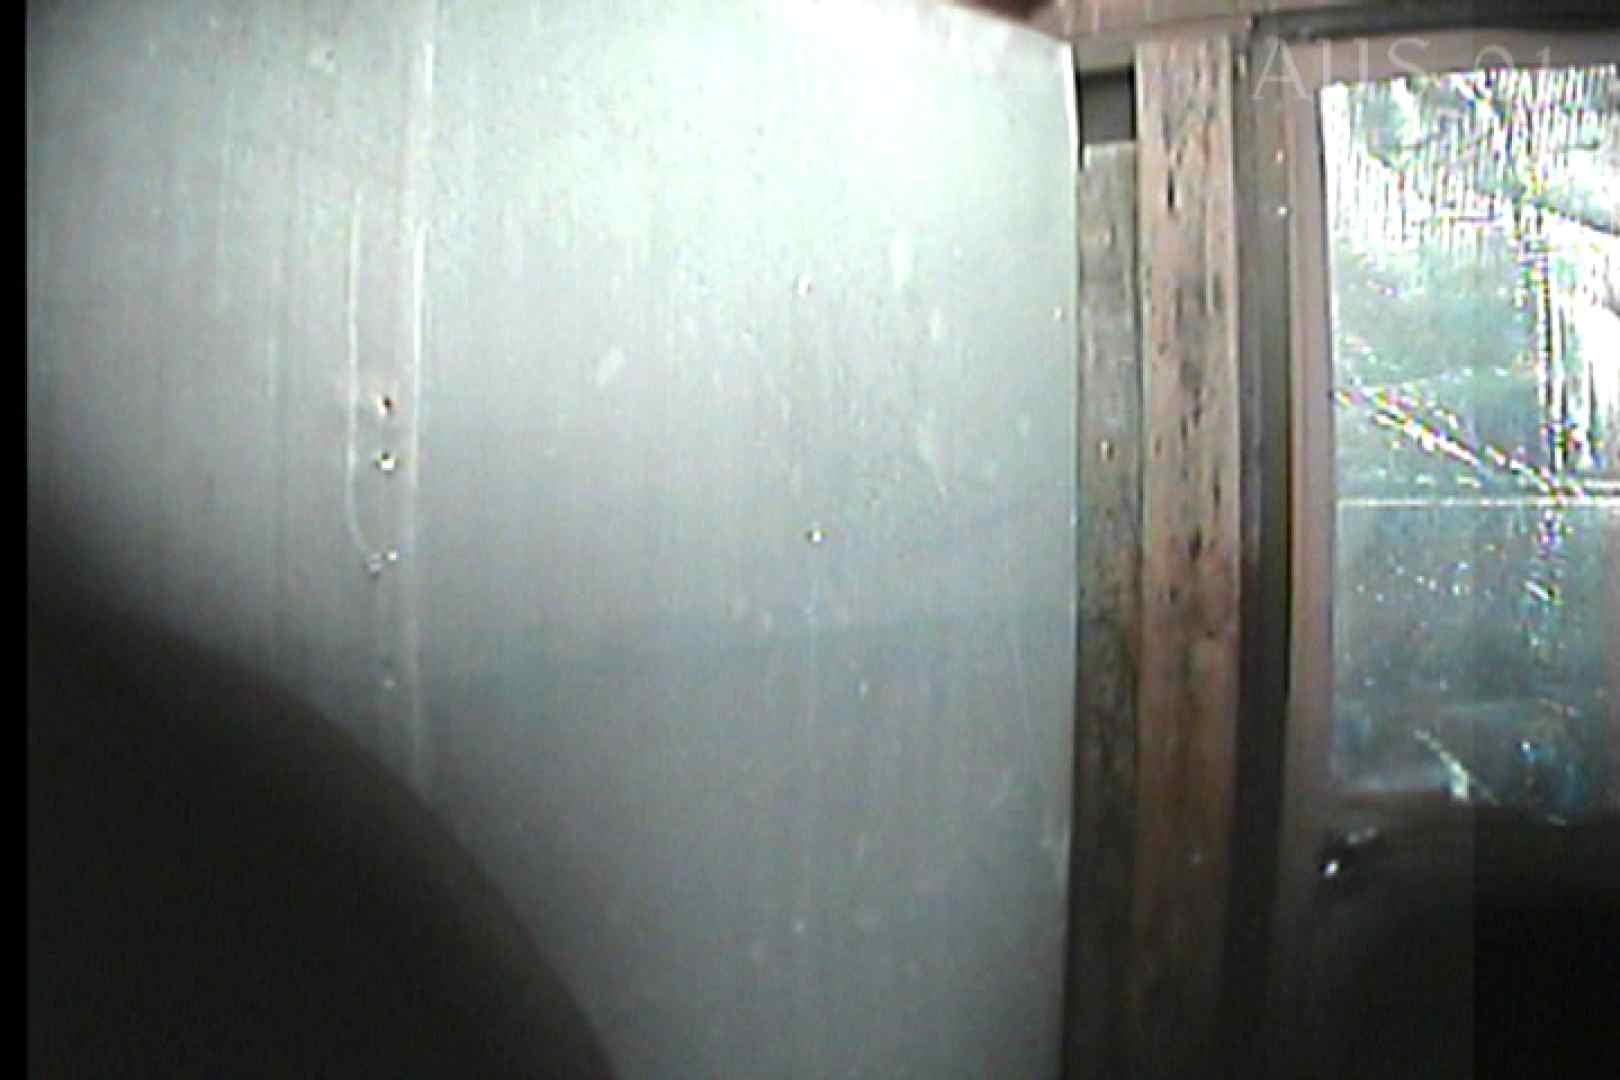 海の家の更衣室 Vol.05 日焼けした肌 エロ画像 82画像 31